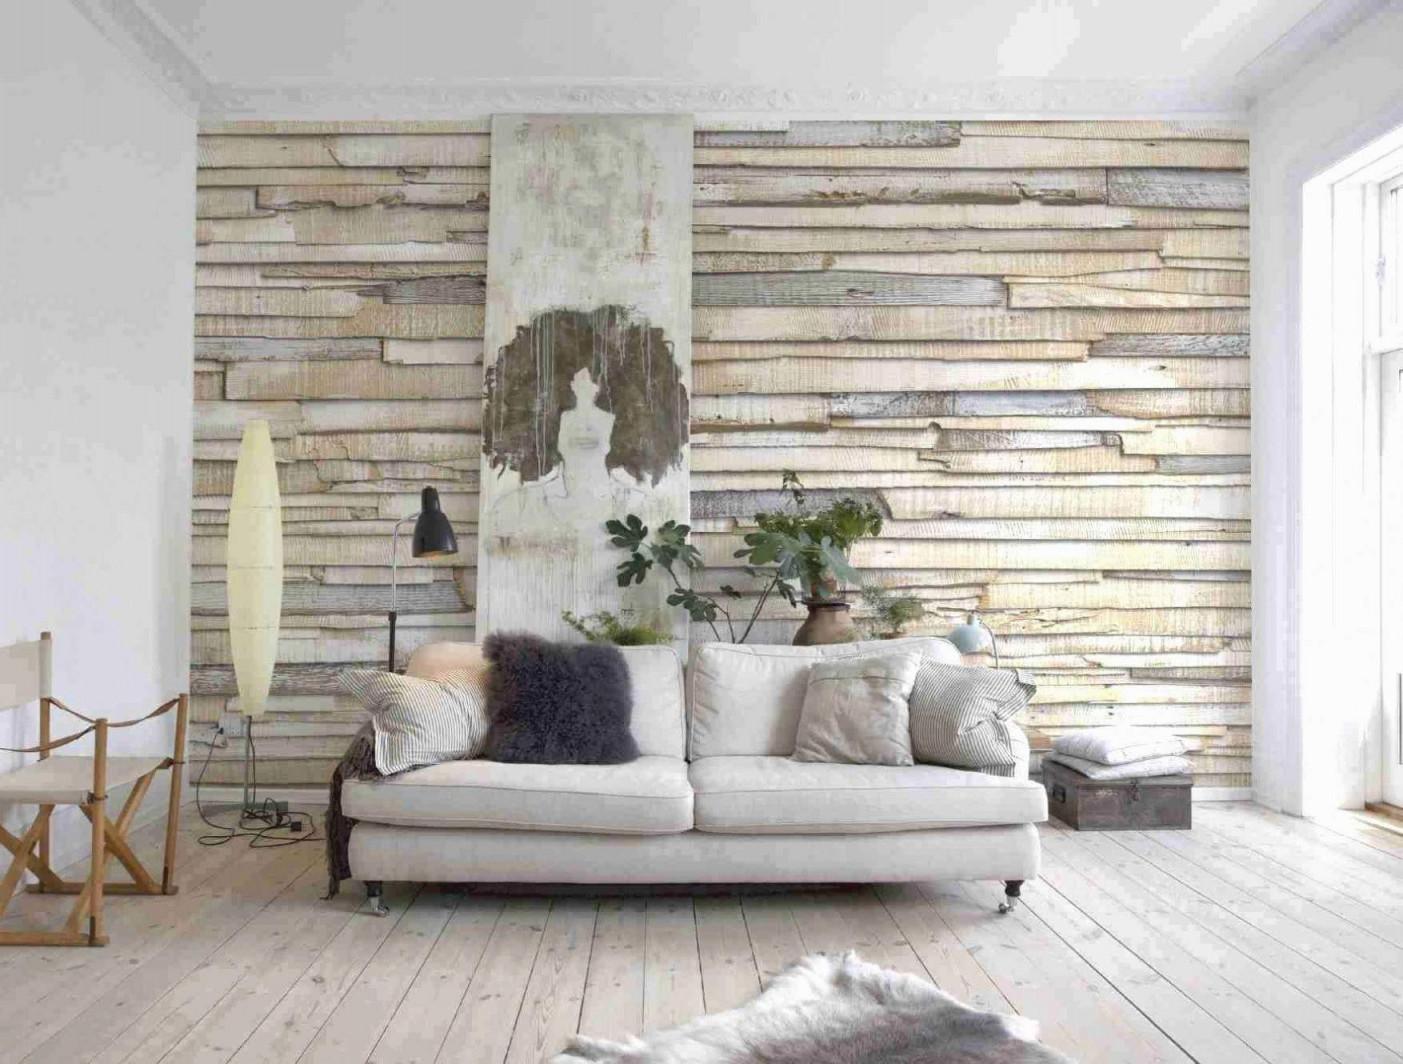 Design Tapeten Wohnzimmer Das Beste Von Einzigartig Moderne von Tapeten Design Wohnzimmer Photo